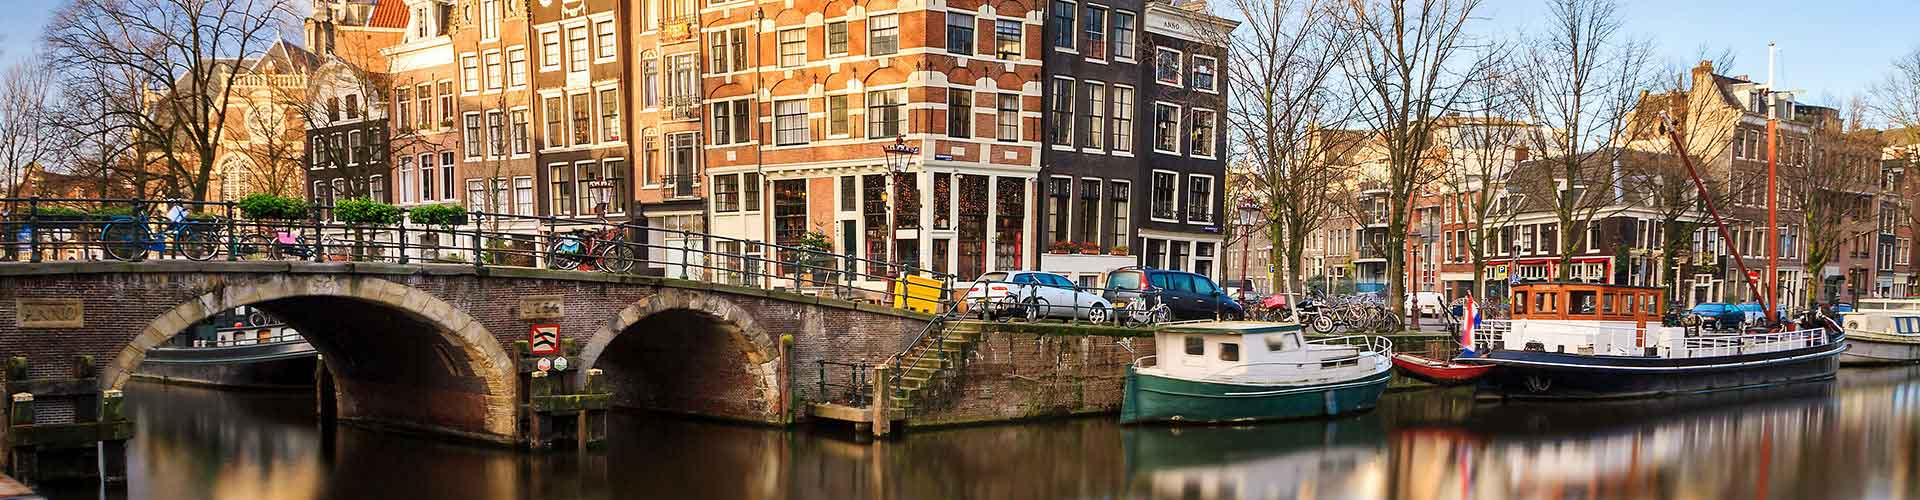 Amsterdam - Hostales en Amsterdam. Mapas de Amsterdam, Fotos y comentarios de cada Hostal en Amsterdam.